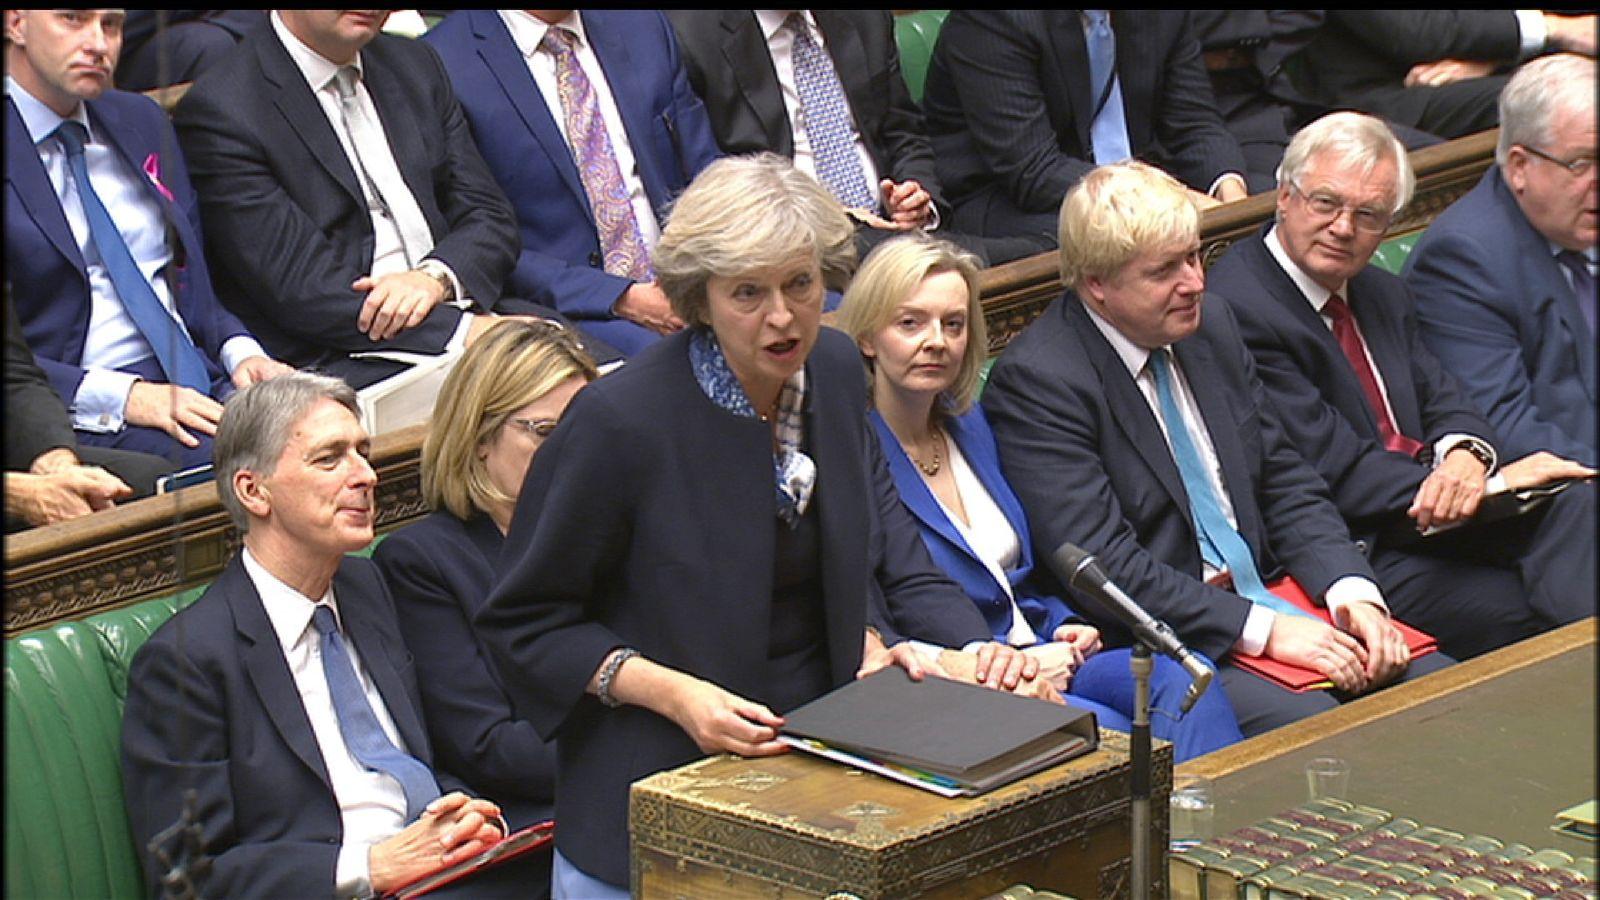 Theresa May at PMQs in October 2016